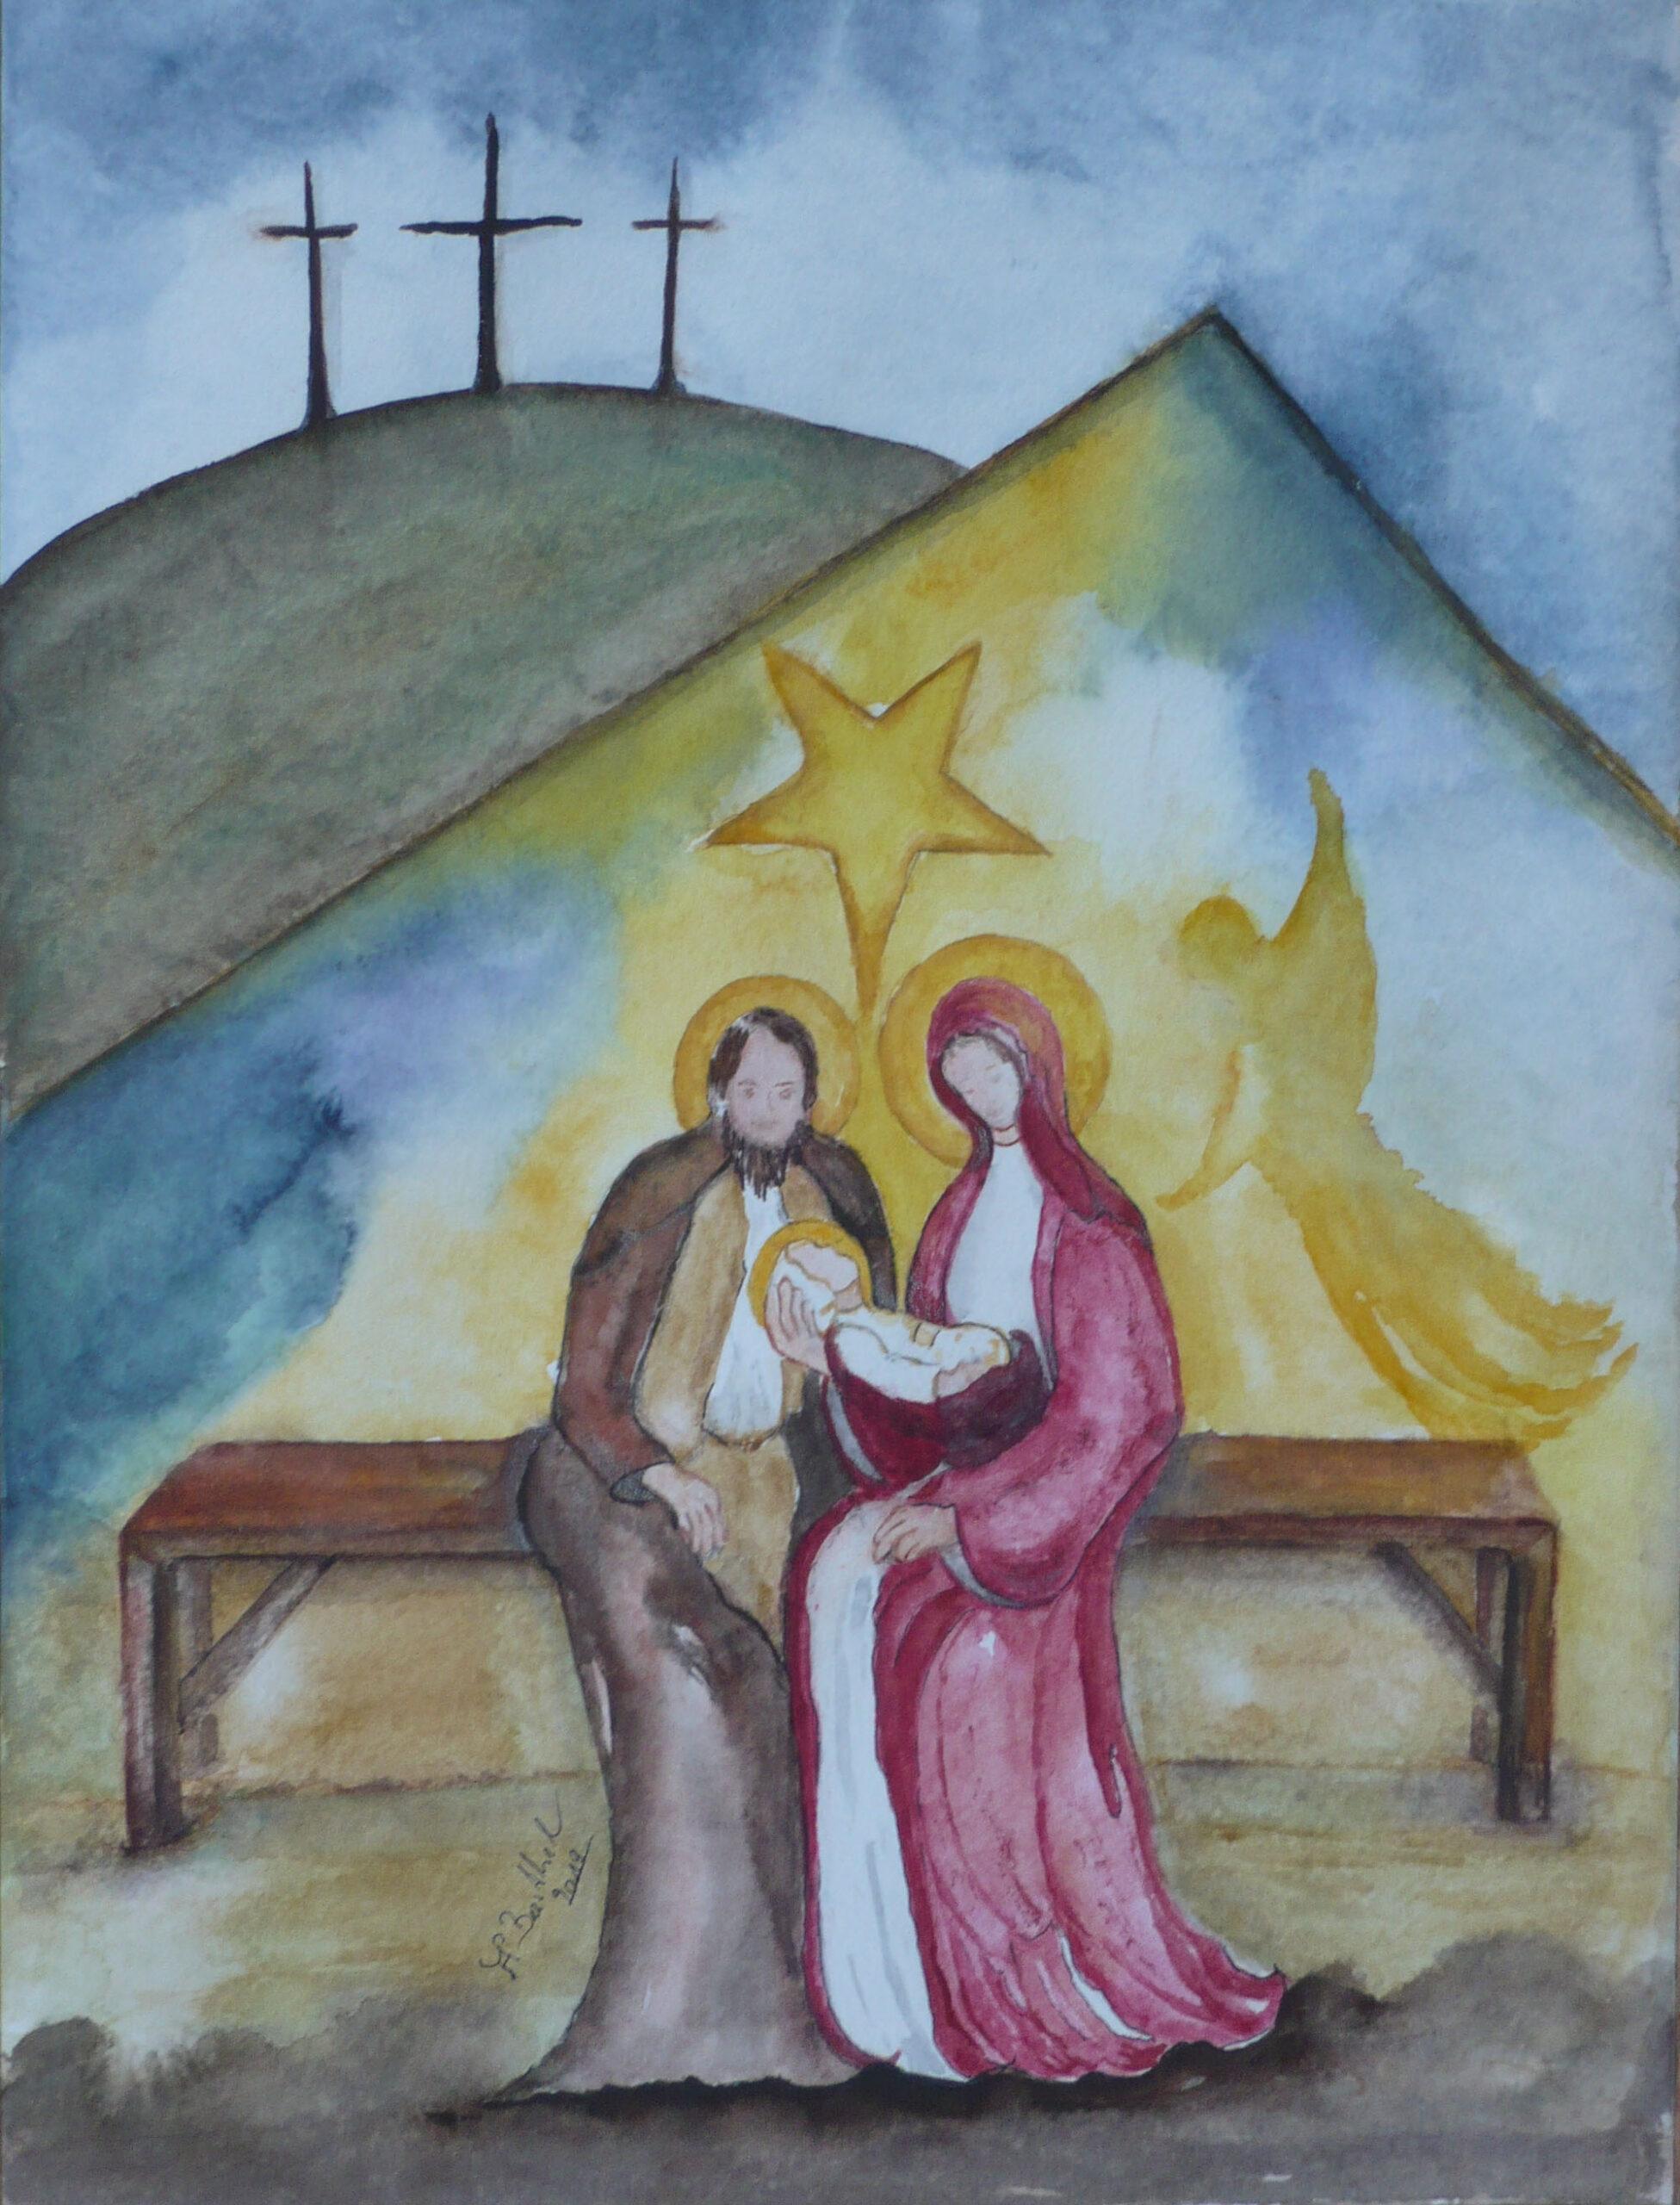 Jubiläum im Zeichen des Kreuzes | Geistlicher Impuls | 15.09.2021